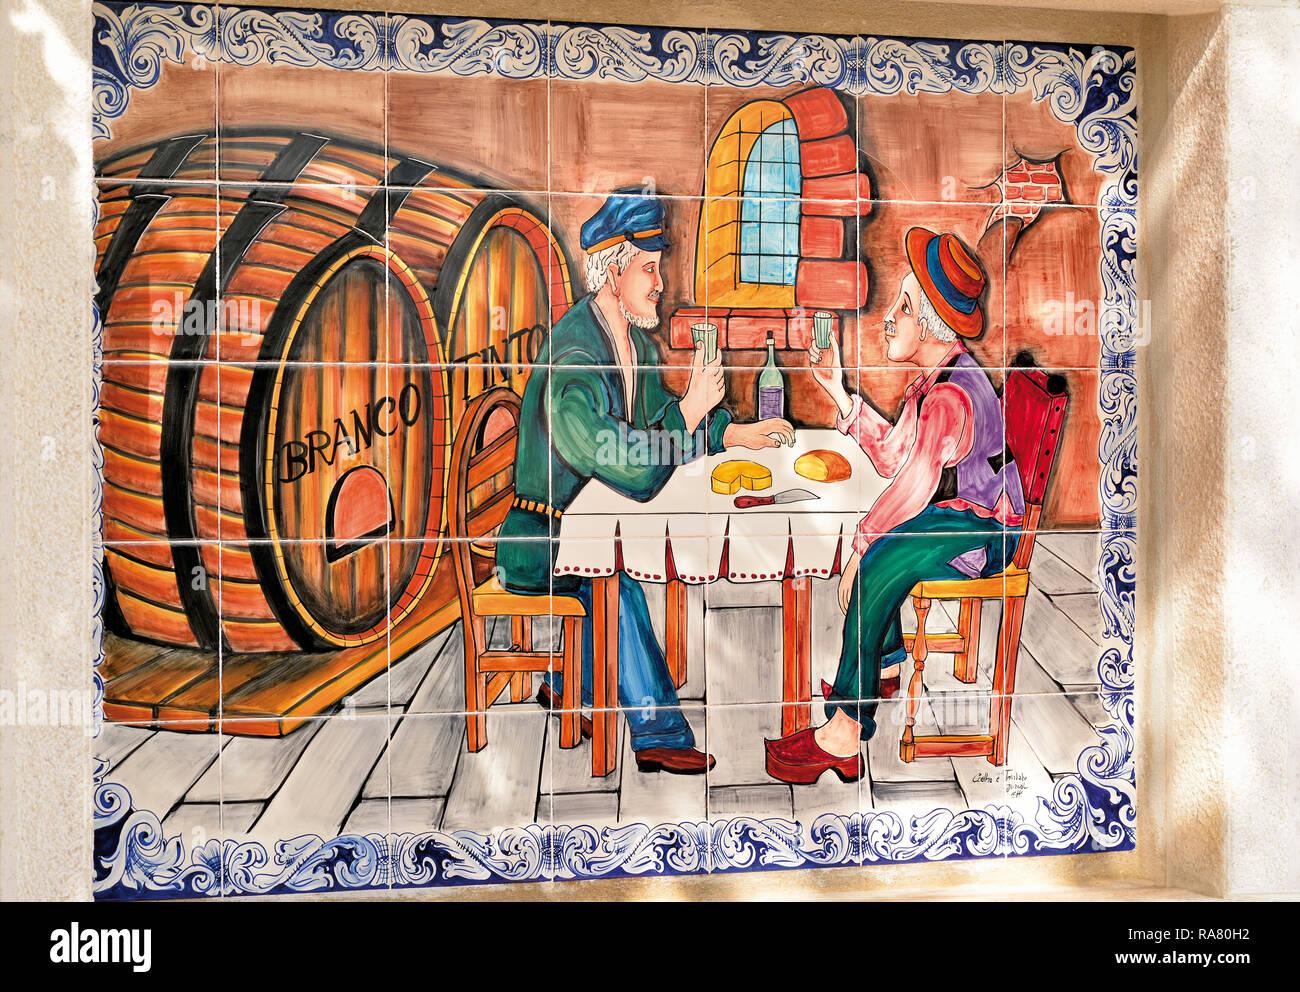 Verniciato colorato immagine di piastrella con 2 uomini di bere vino in taverna rustica Immagini Stock